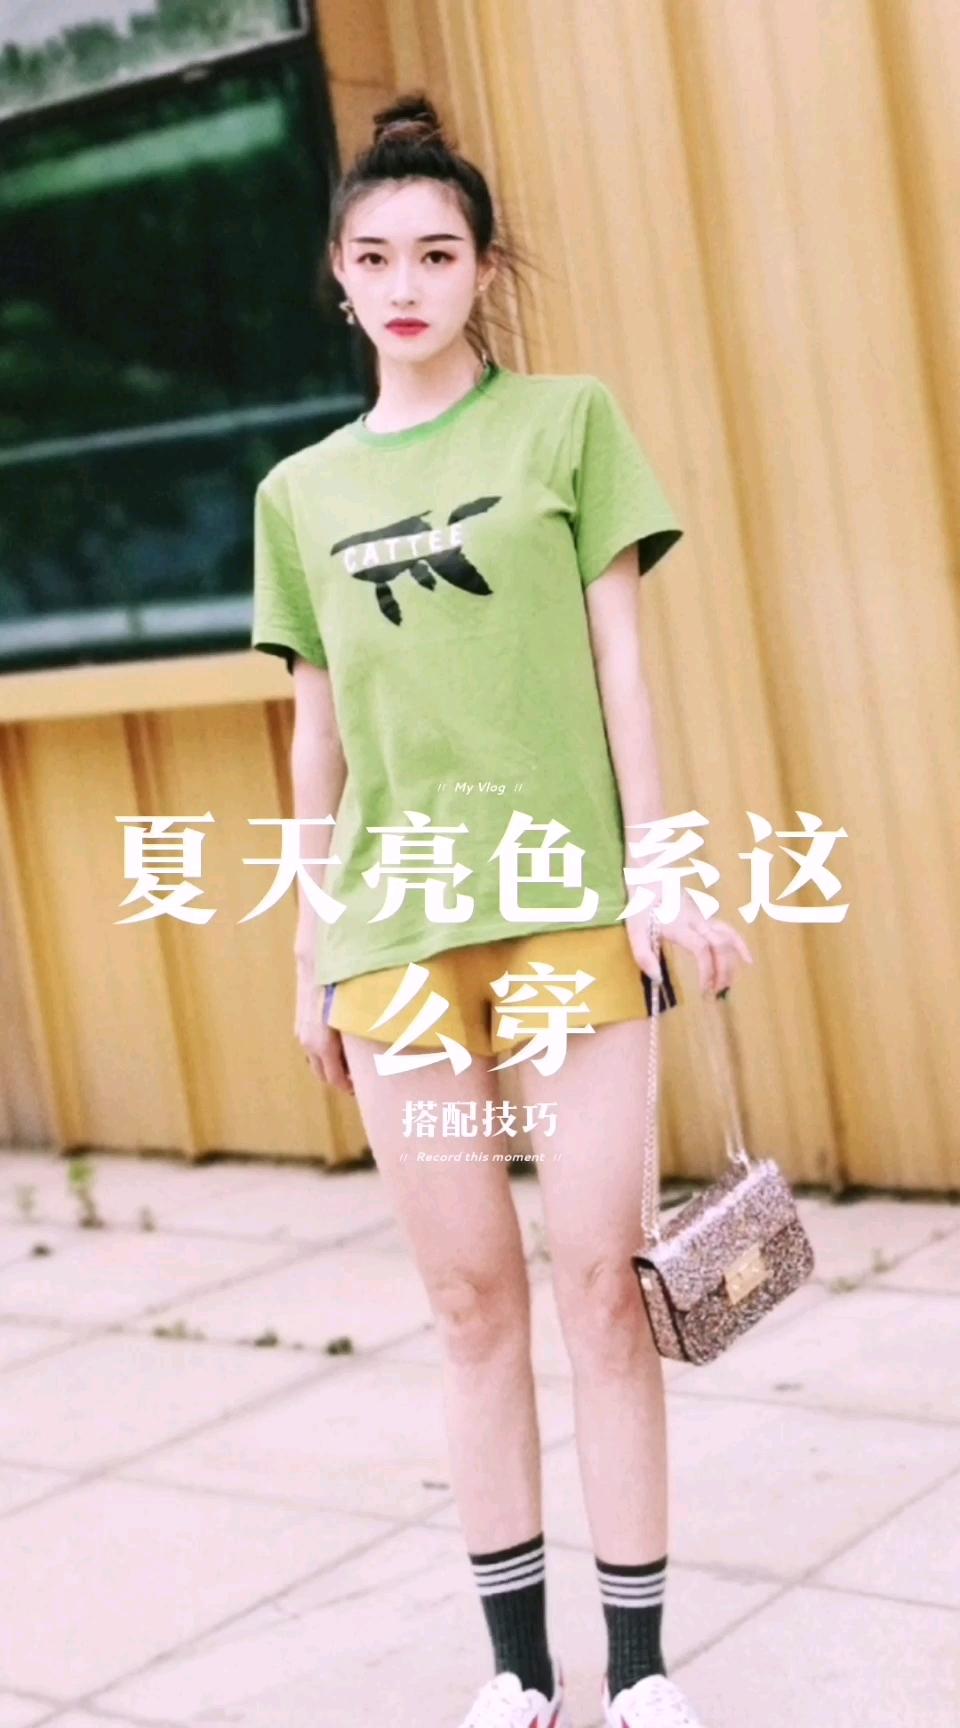 #六一我的节,最减龄穿搭!# 🍈绿色印花短袖和黄色直筒短裤搭配起来瞬间年轻十岁!🍋  🍍鲨鱼印花很有自己的风格,这个绿色也很别致很耐看,清新有味道~ 🍐黄色短裤直筒的设计,修饰了大腿腿型,显瘦显白无敌啦~ 👟搭配一双白色帆布鞋就轻松搞定!